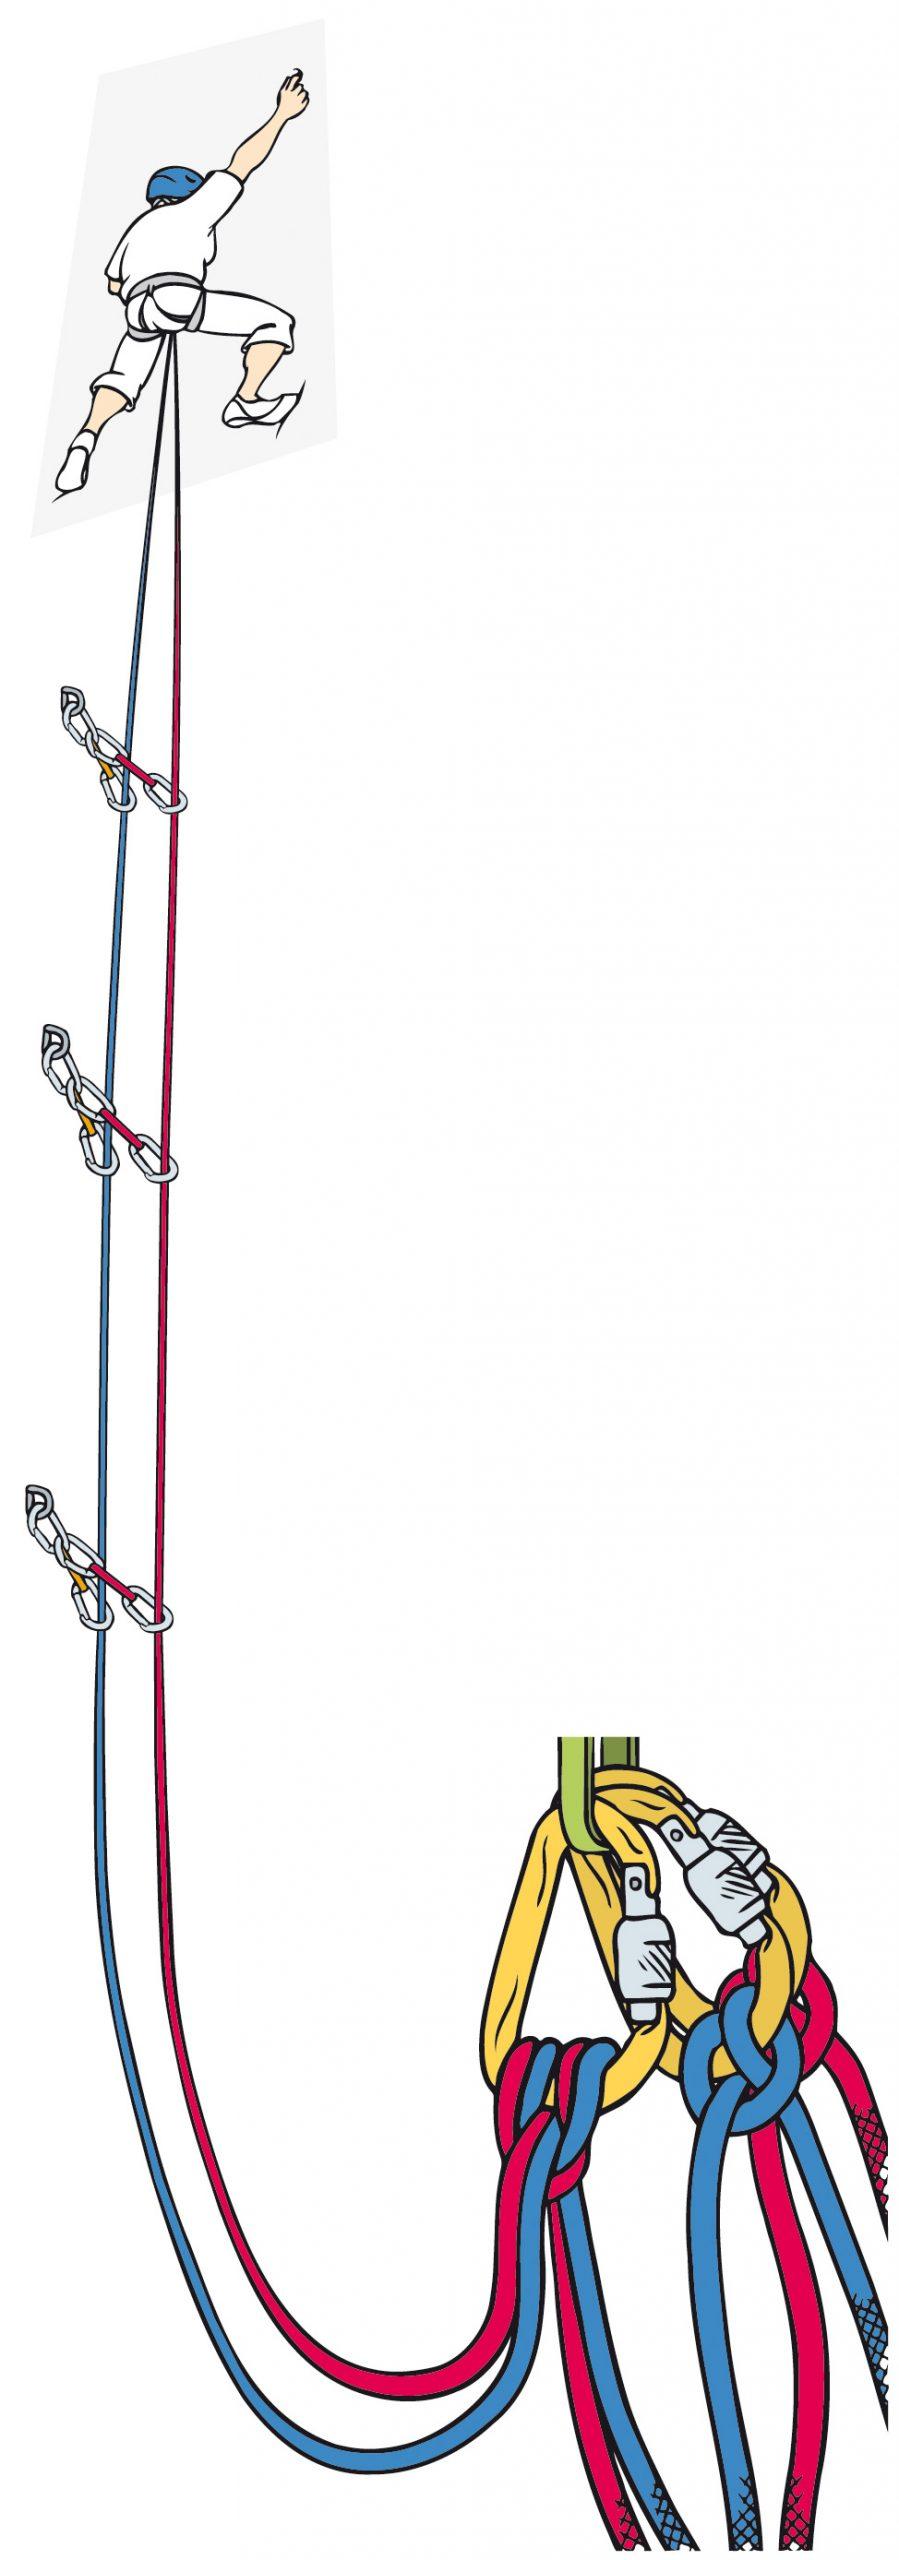 Abb. 1: Doppelseiltechnik mit getrennter Seilführung.